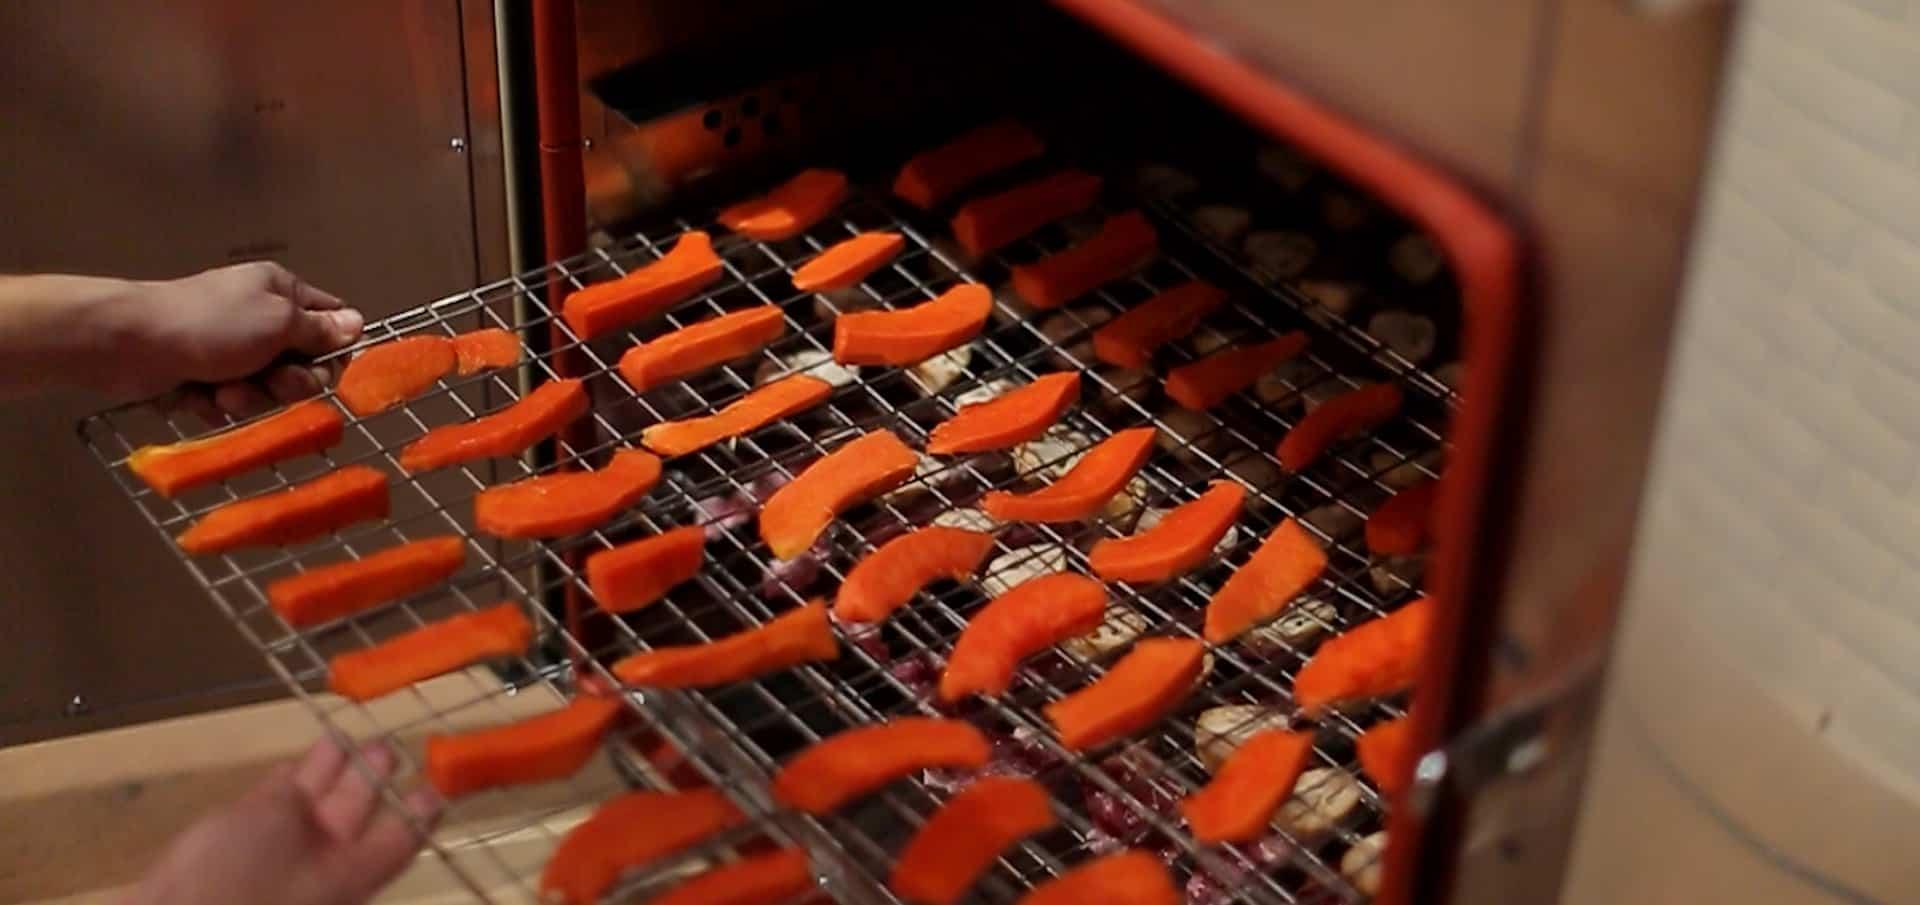 Máy sấy thực phẩm khí nóng công nghiệp GE có nhiệt độ tối đa tới 120 độ